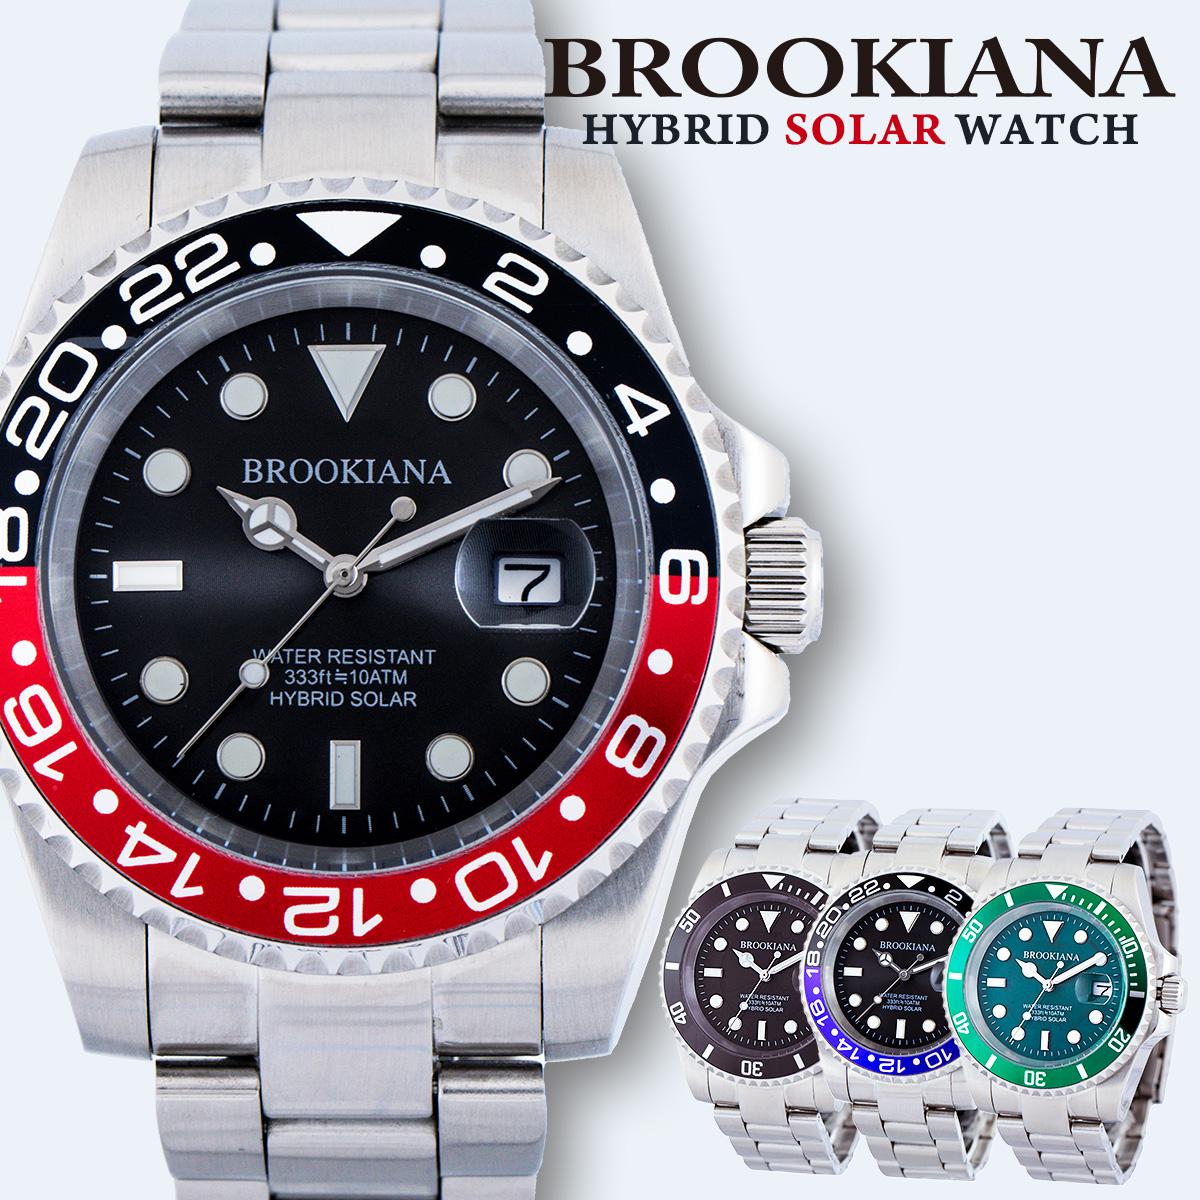 ソーラー ブルッキアーナ BROOKIANA BA2606 ダイバーウォッチ メンズ 時計 腕時計 クォーツ 防水 サブマリーナ グリーン グリーンサブ